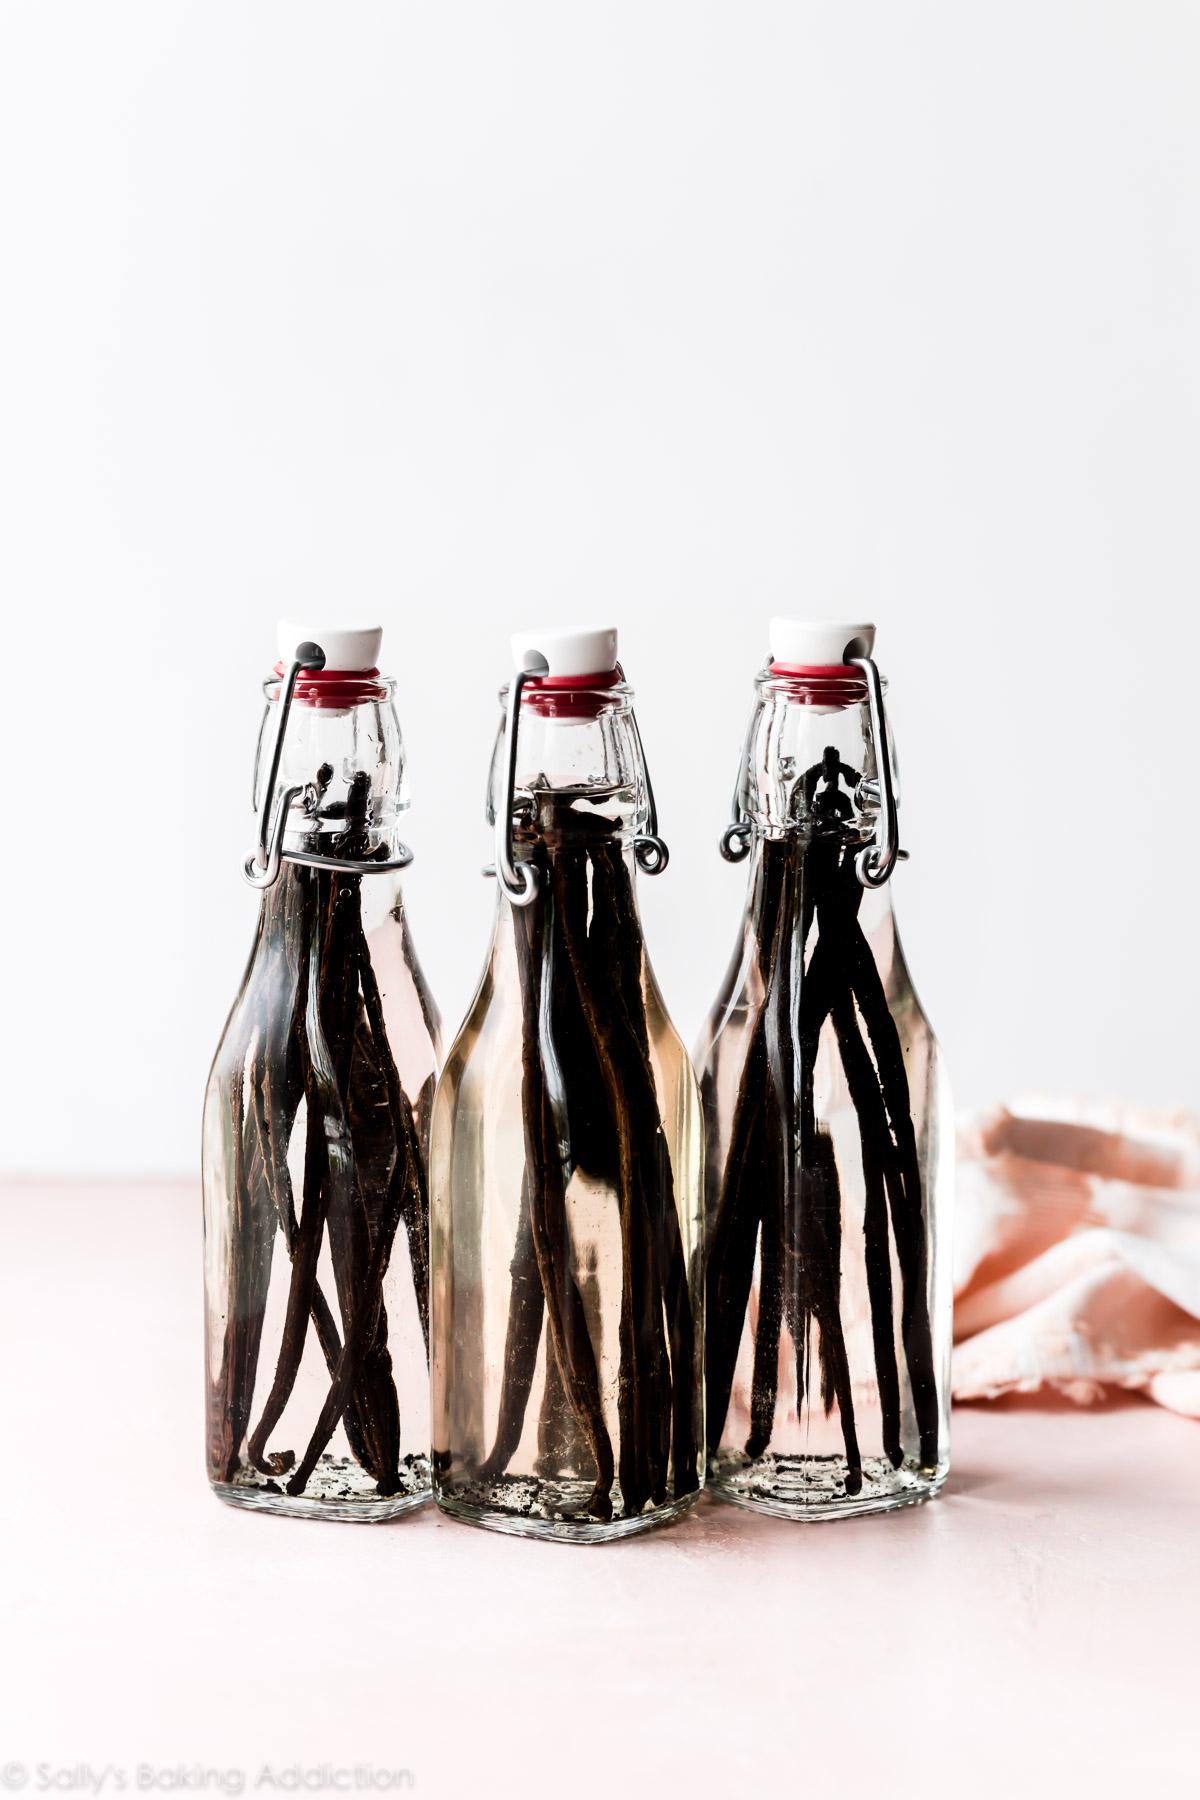 3 bouteilles d'extrait de vanille maison